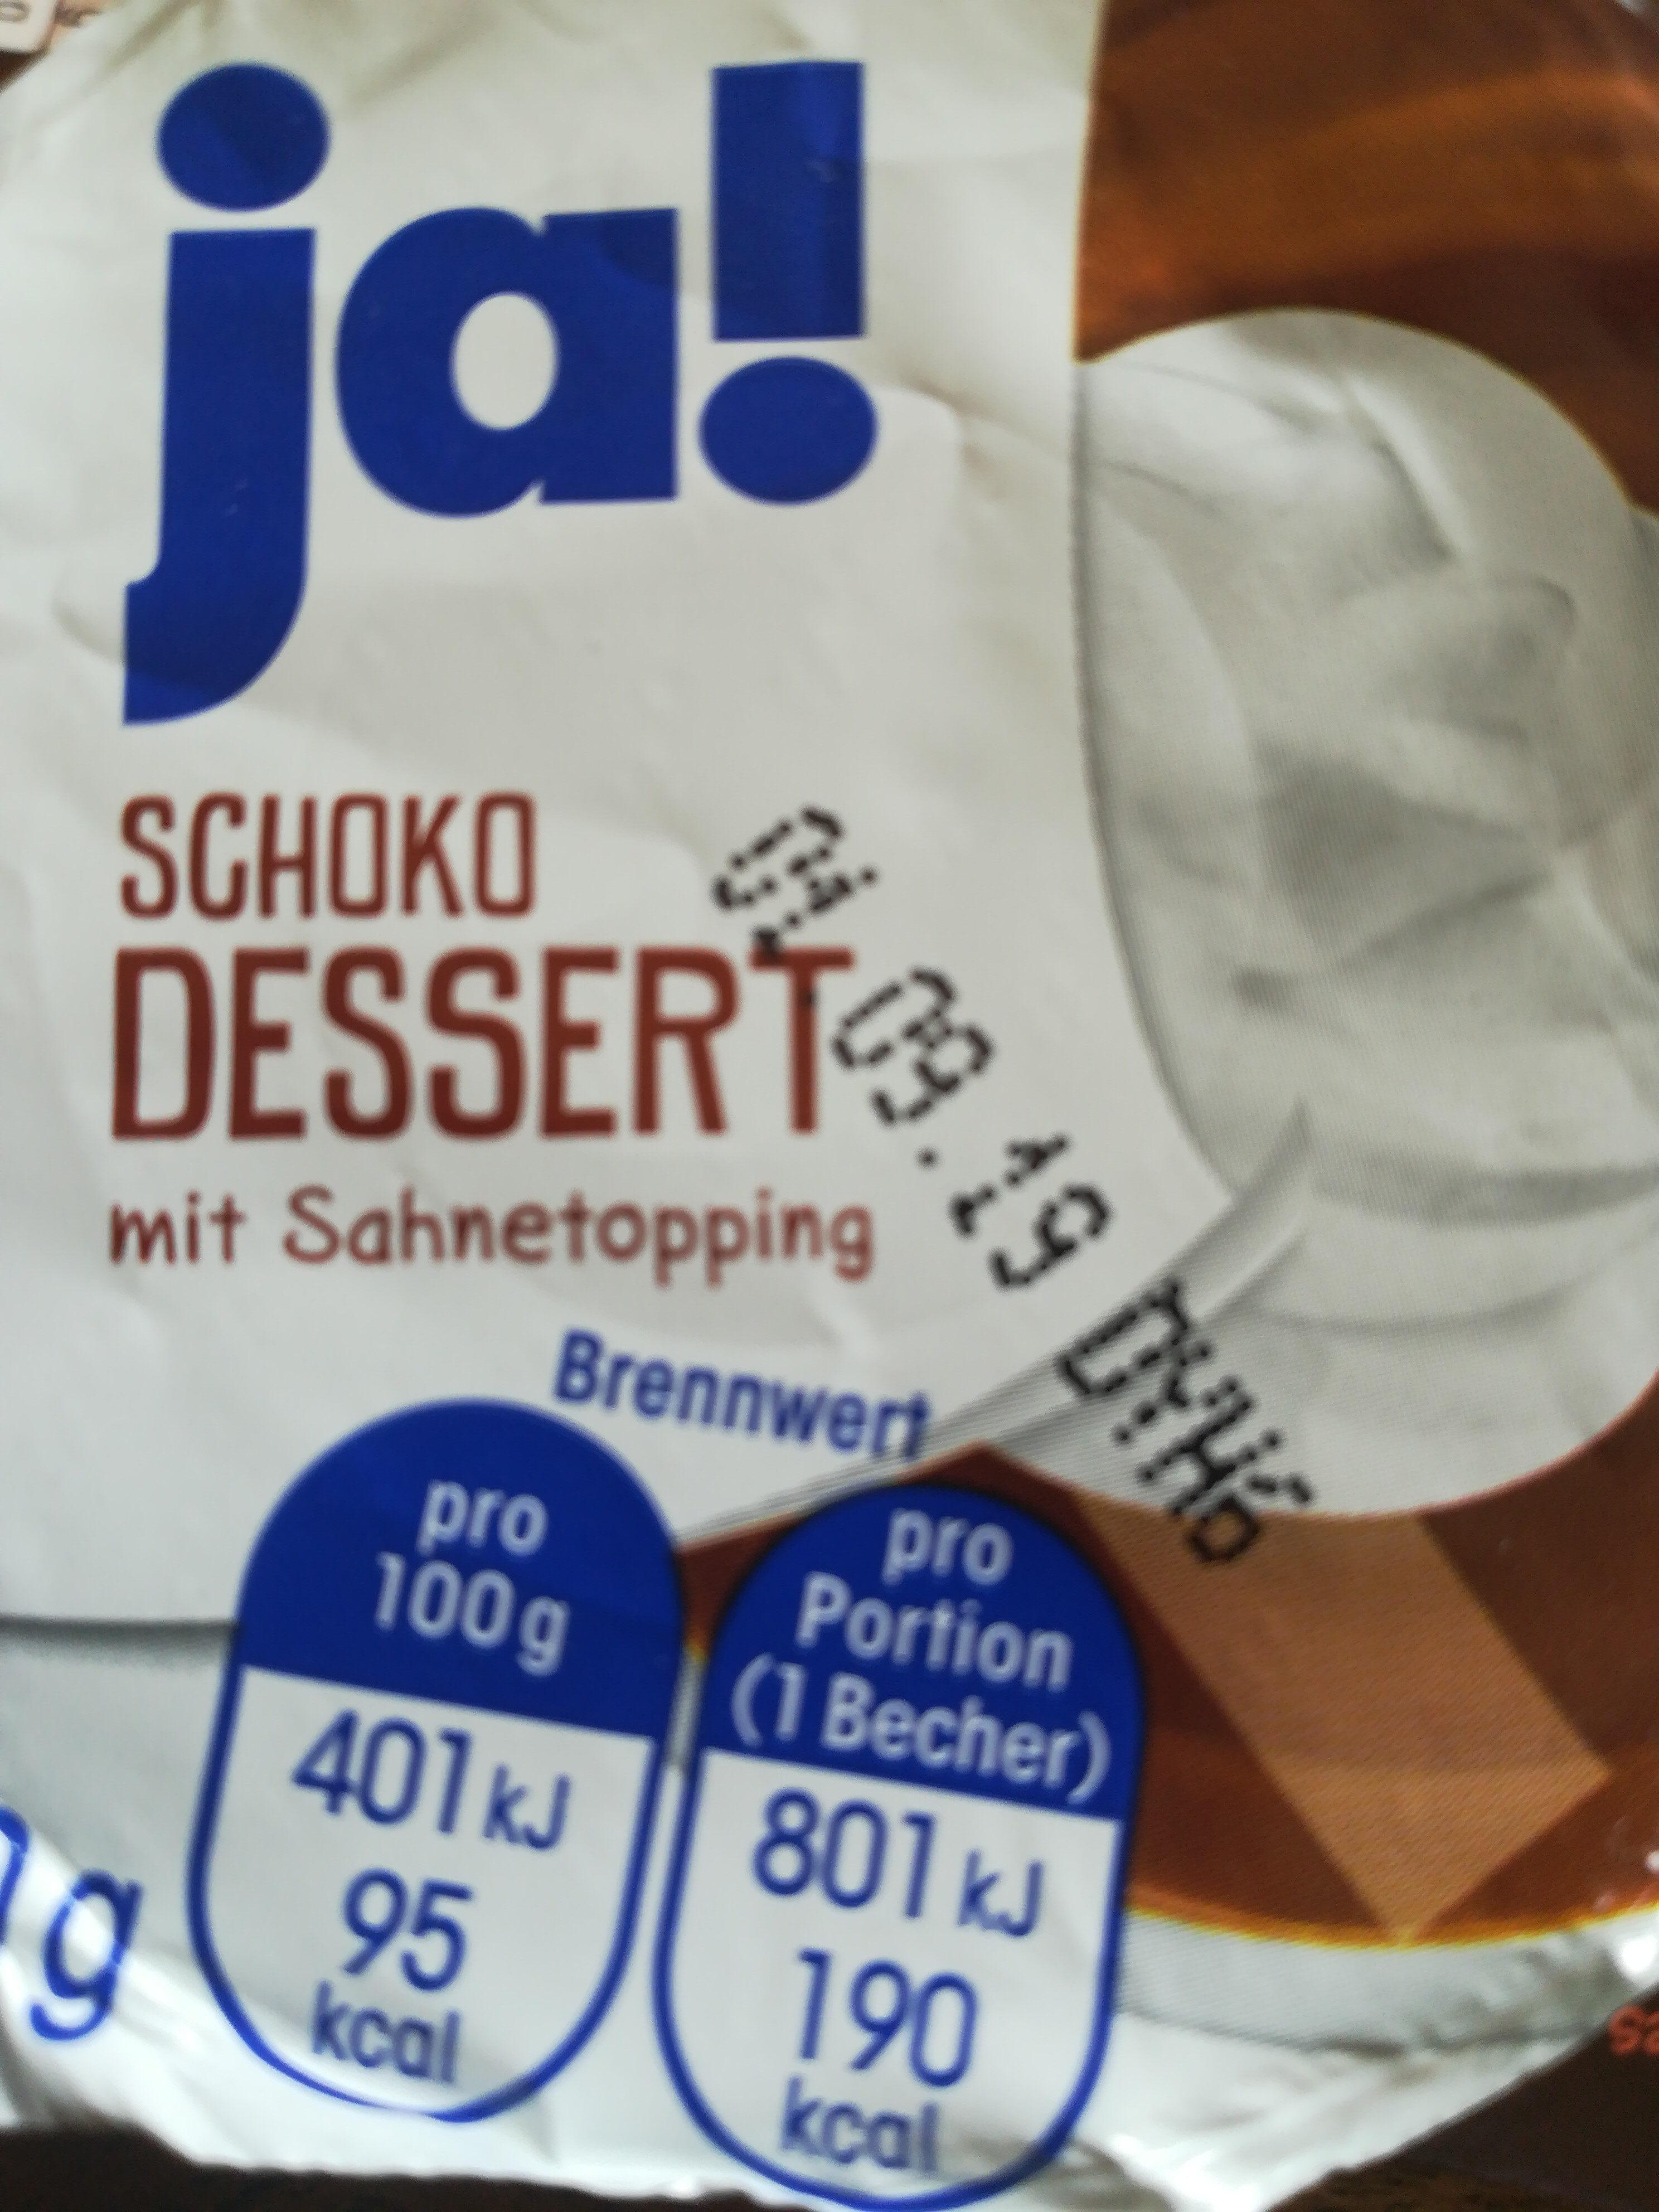 schoko dessert - Product - de